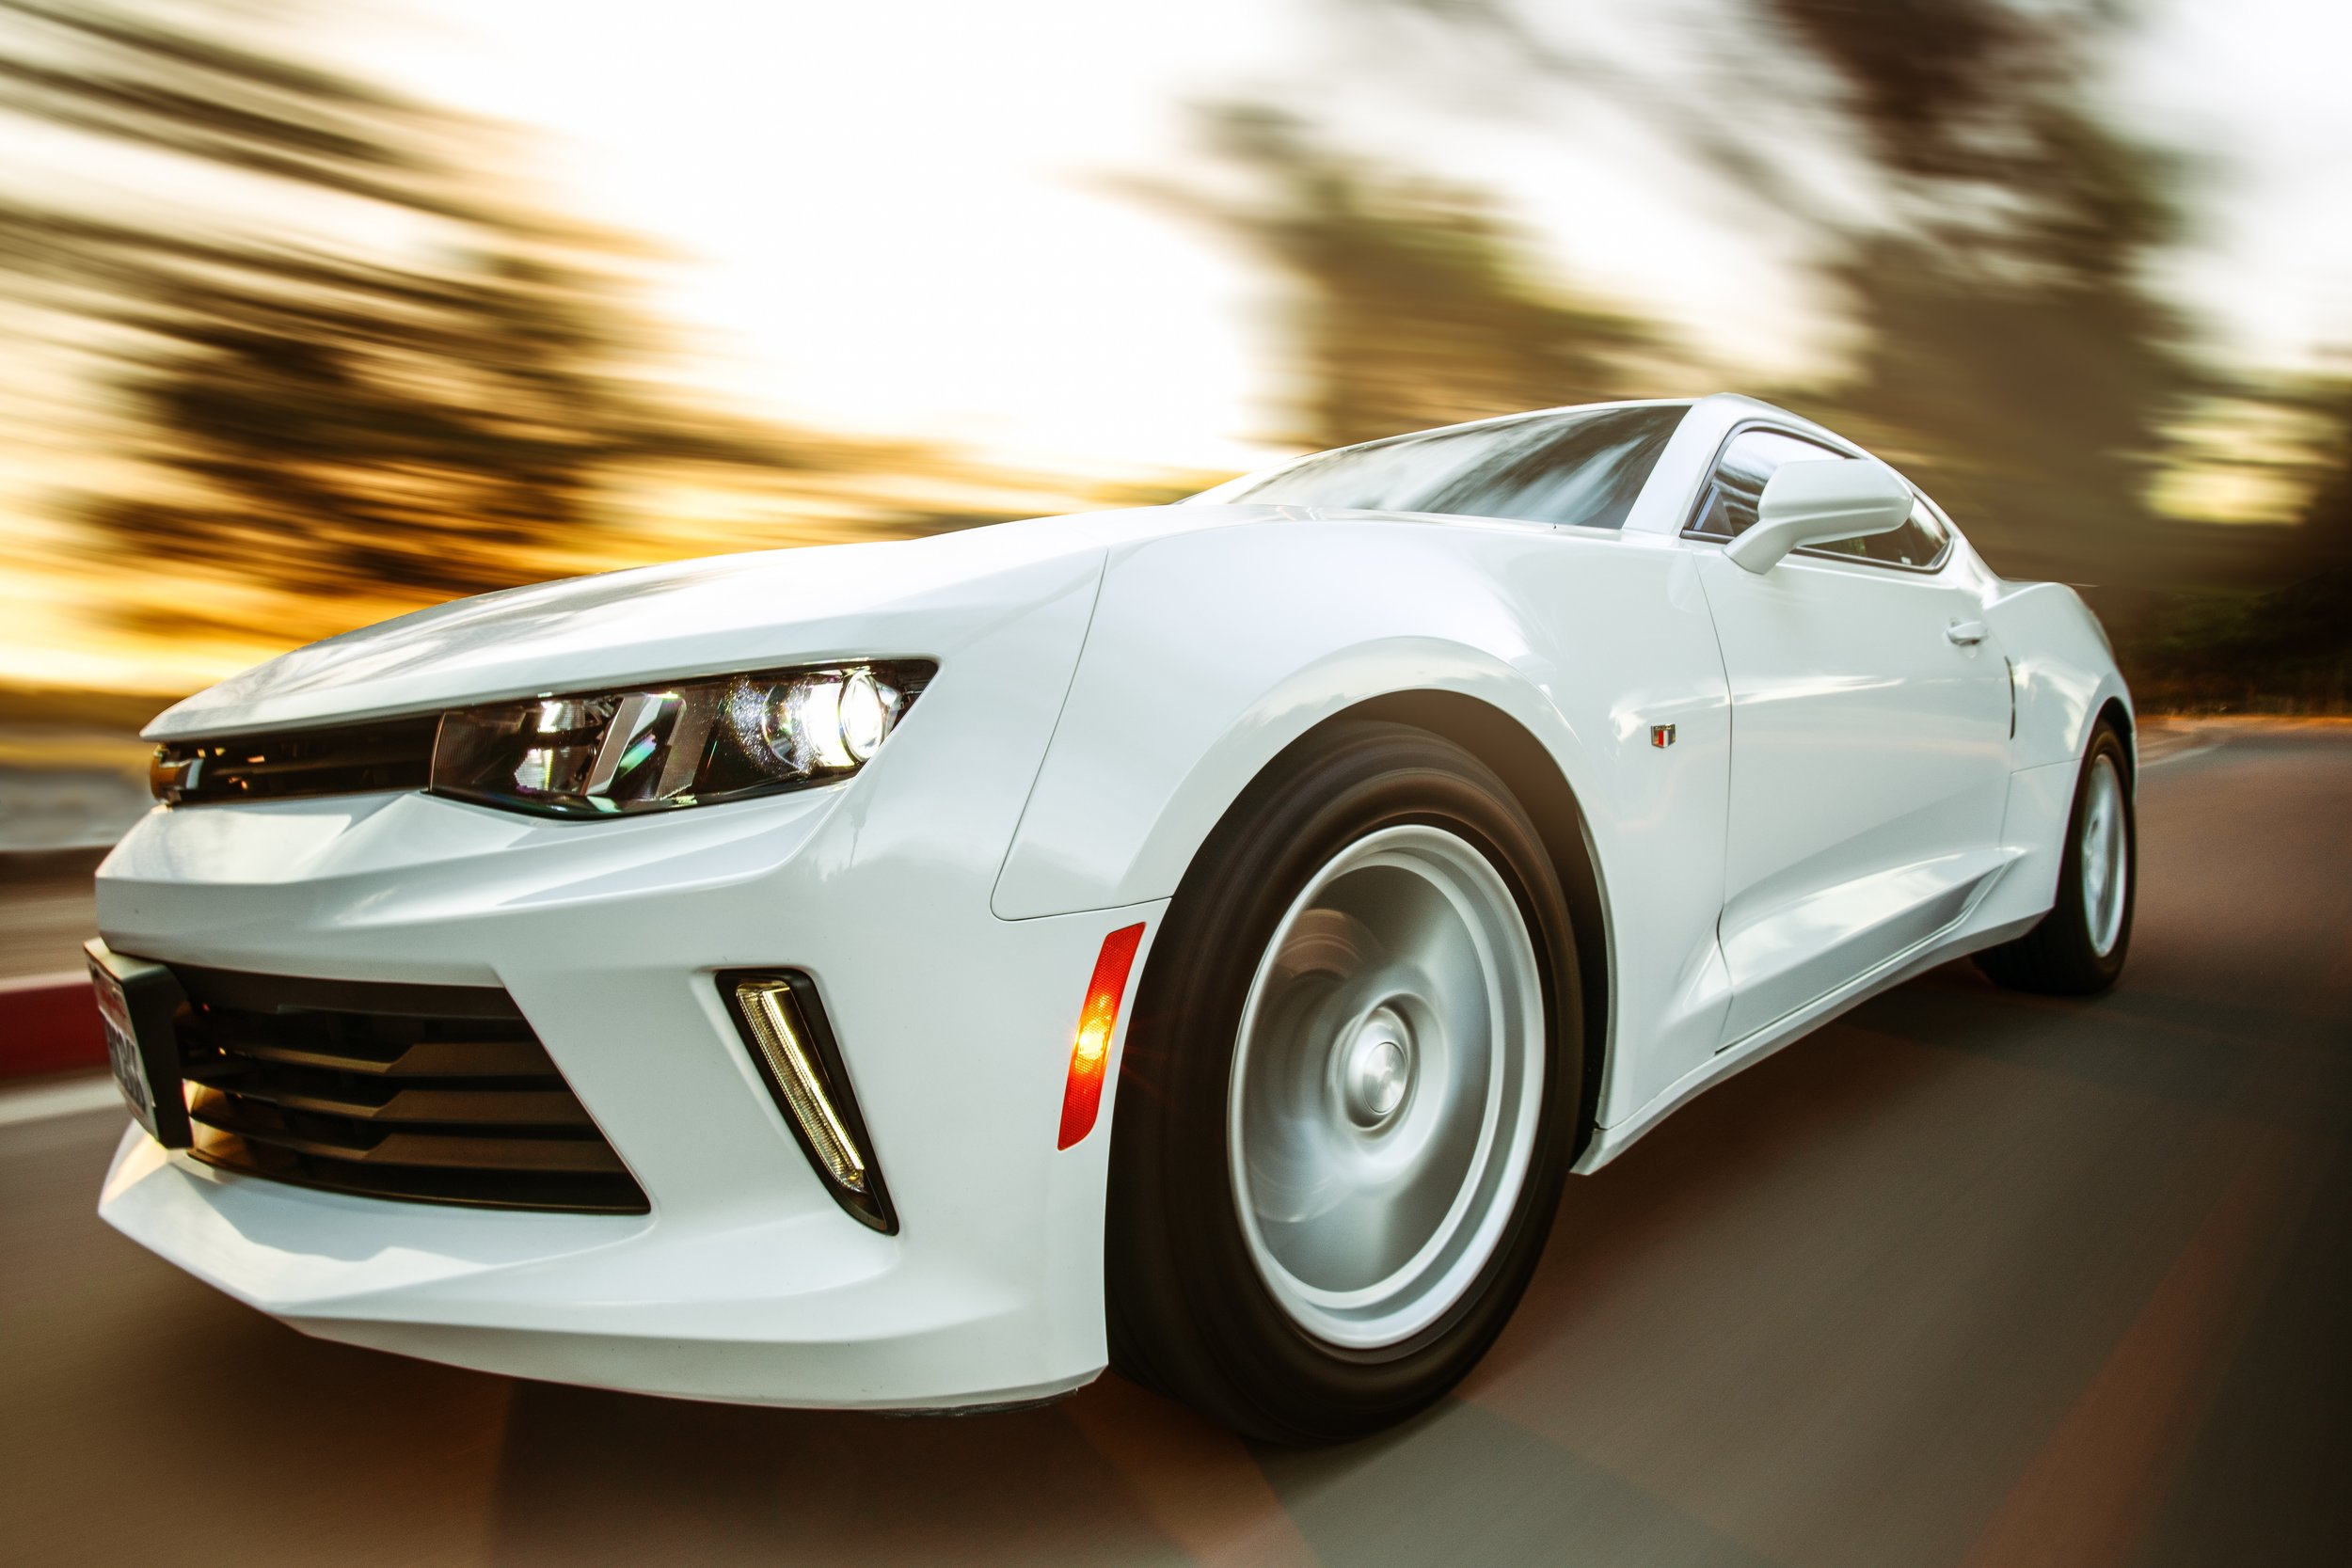 4k-wallpaper-action-auto-racing-1213294.jpg